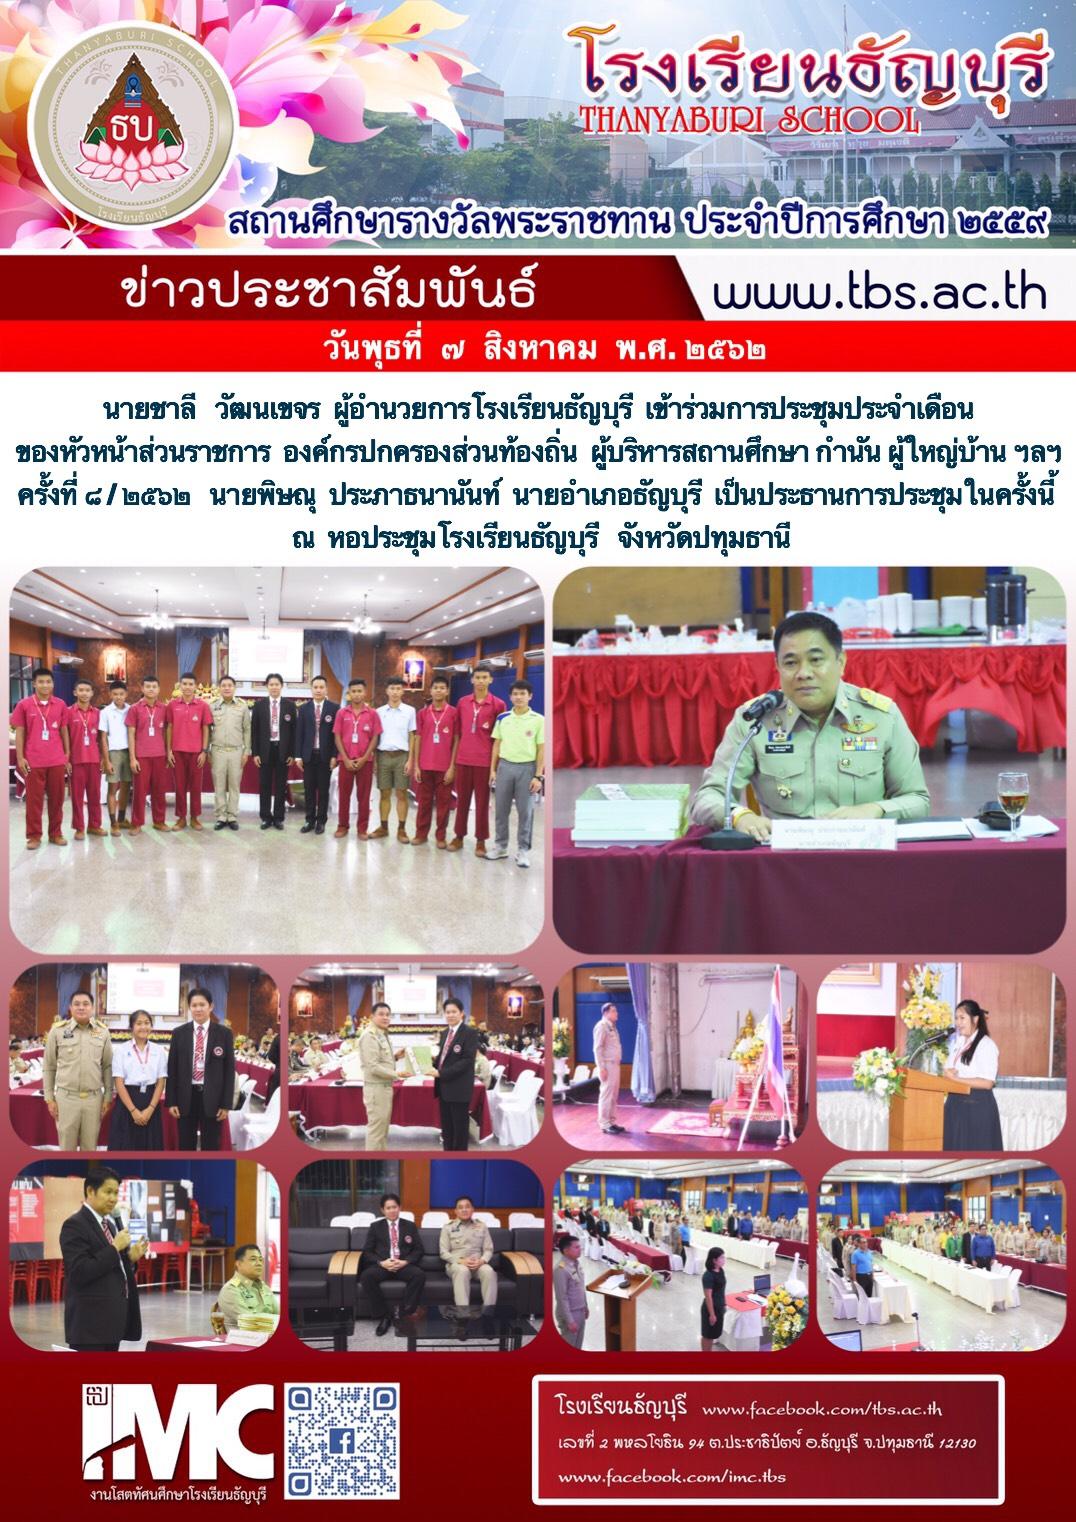 นายชาลี  วัฒนเขจร ผู้อำนวยการโรงเรียนธัญบุรี เข้าร่วมการประชุมประจำเดือนของหัวหน้าส่วนราชการ องค์กรปกครองส่วนท้องถิ่น ผู้บริหารสถานศึกษา กำนัน ผู้ใหญ่บ้าน ครั้งที่ 8/2562